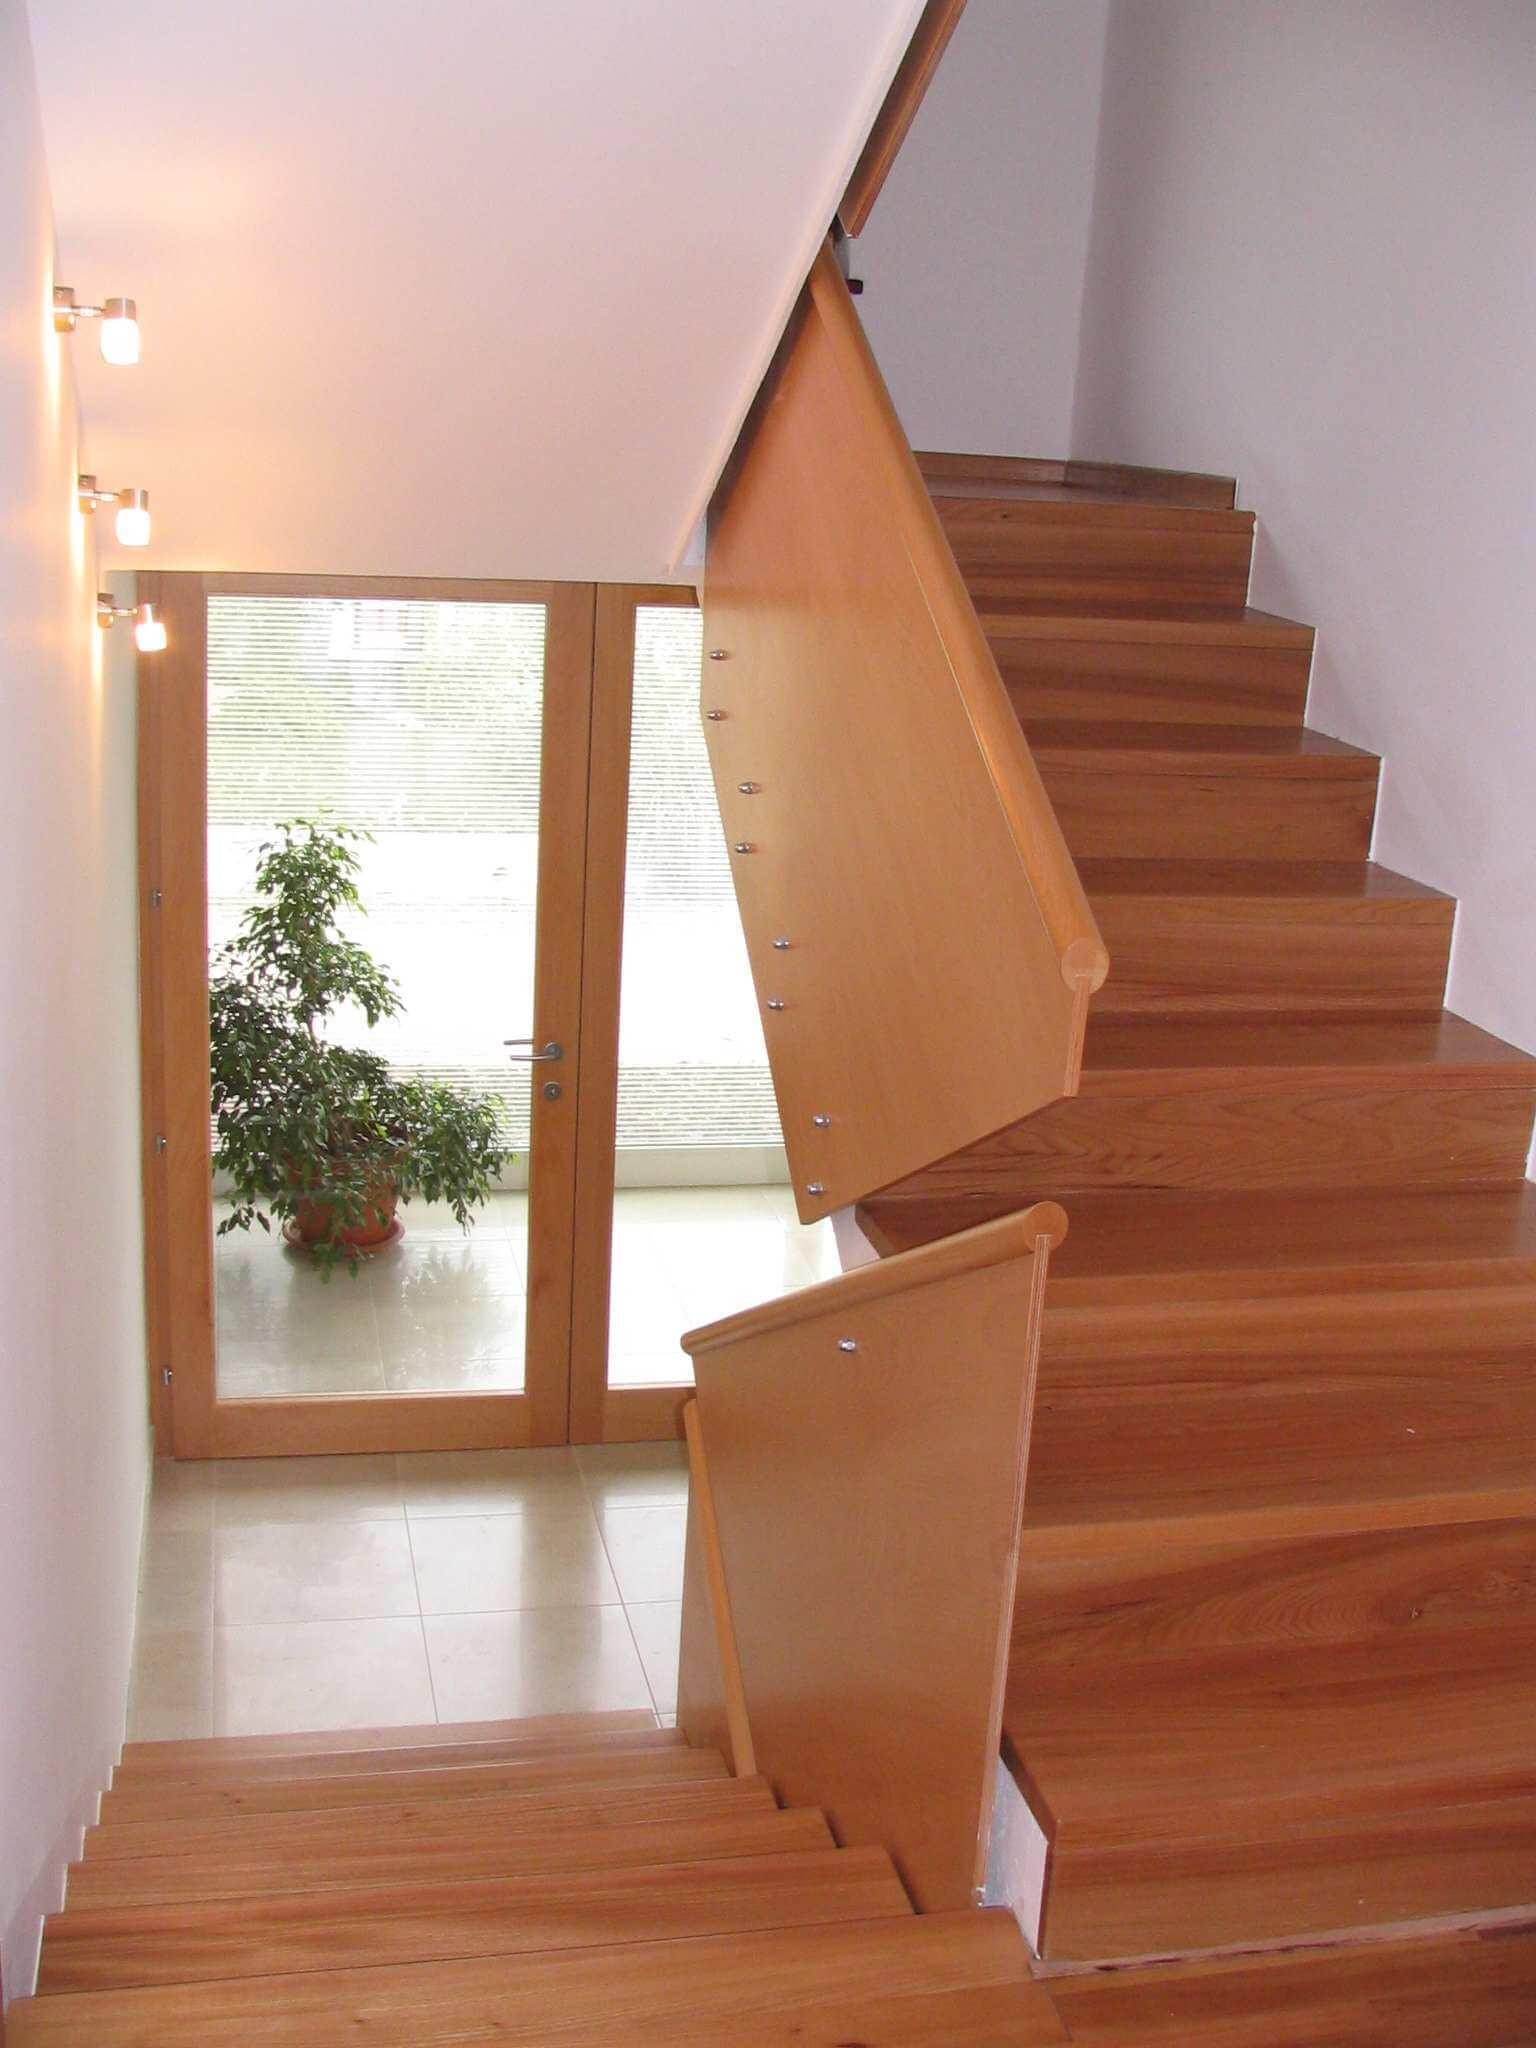 Projektna fotografija stopnice_22.jpg